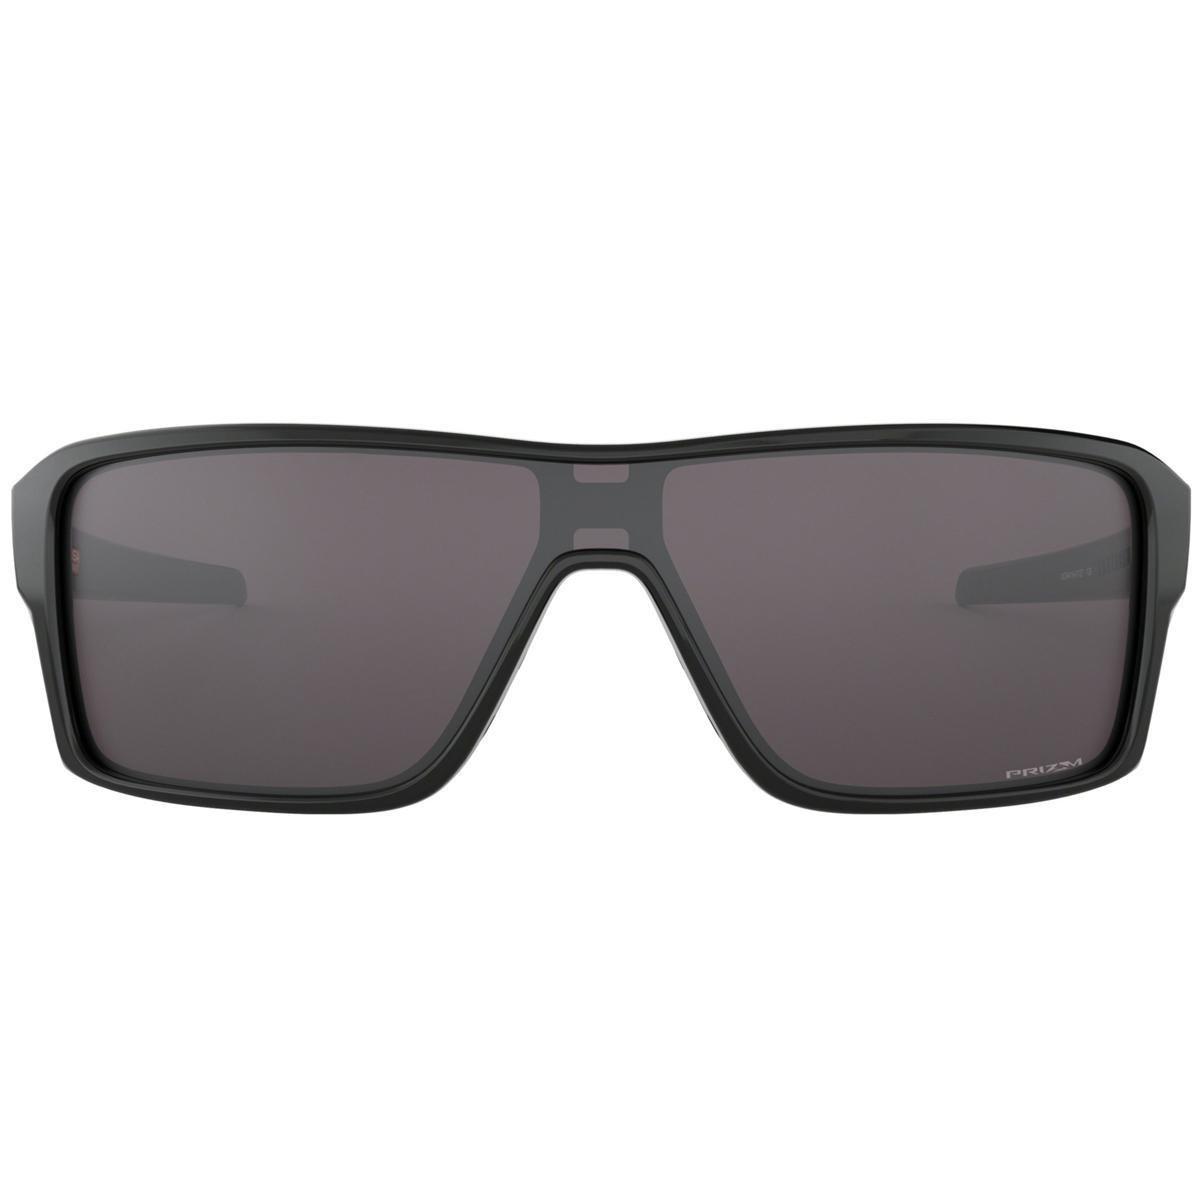 Óculos Oakley Ridgeline Polished Black Lente Prizm Grey - Preto ... c22e8c2cfb